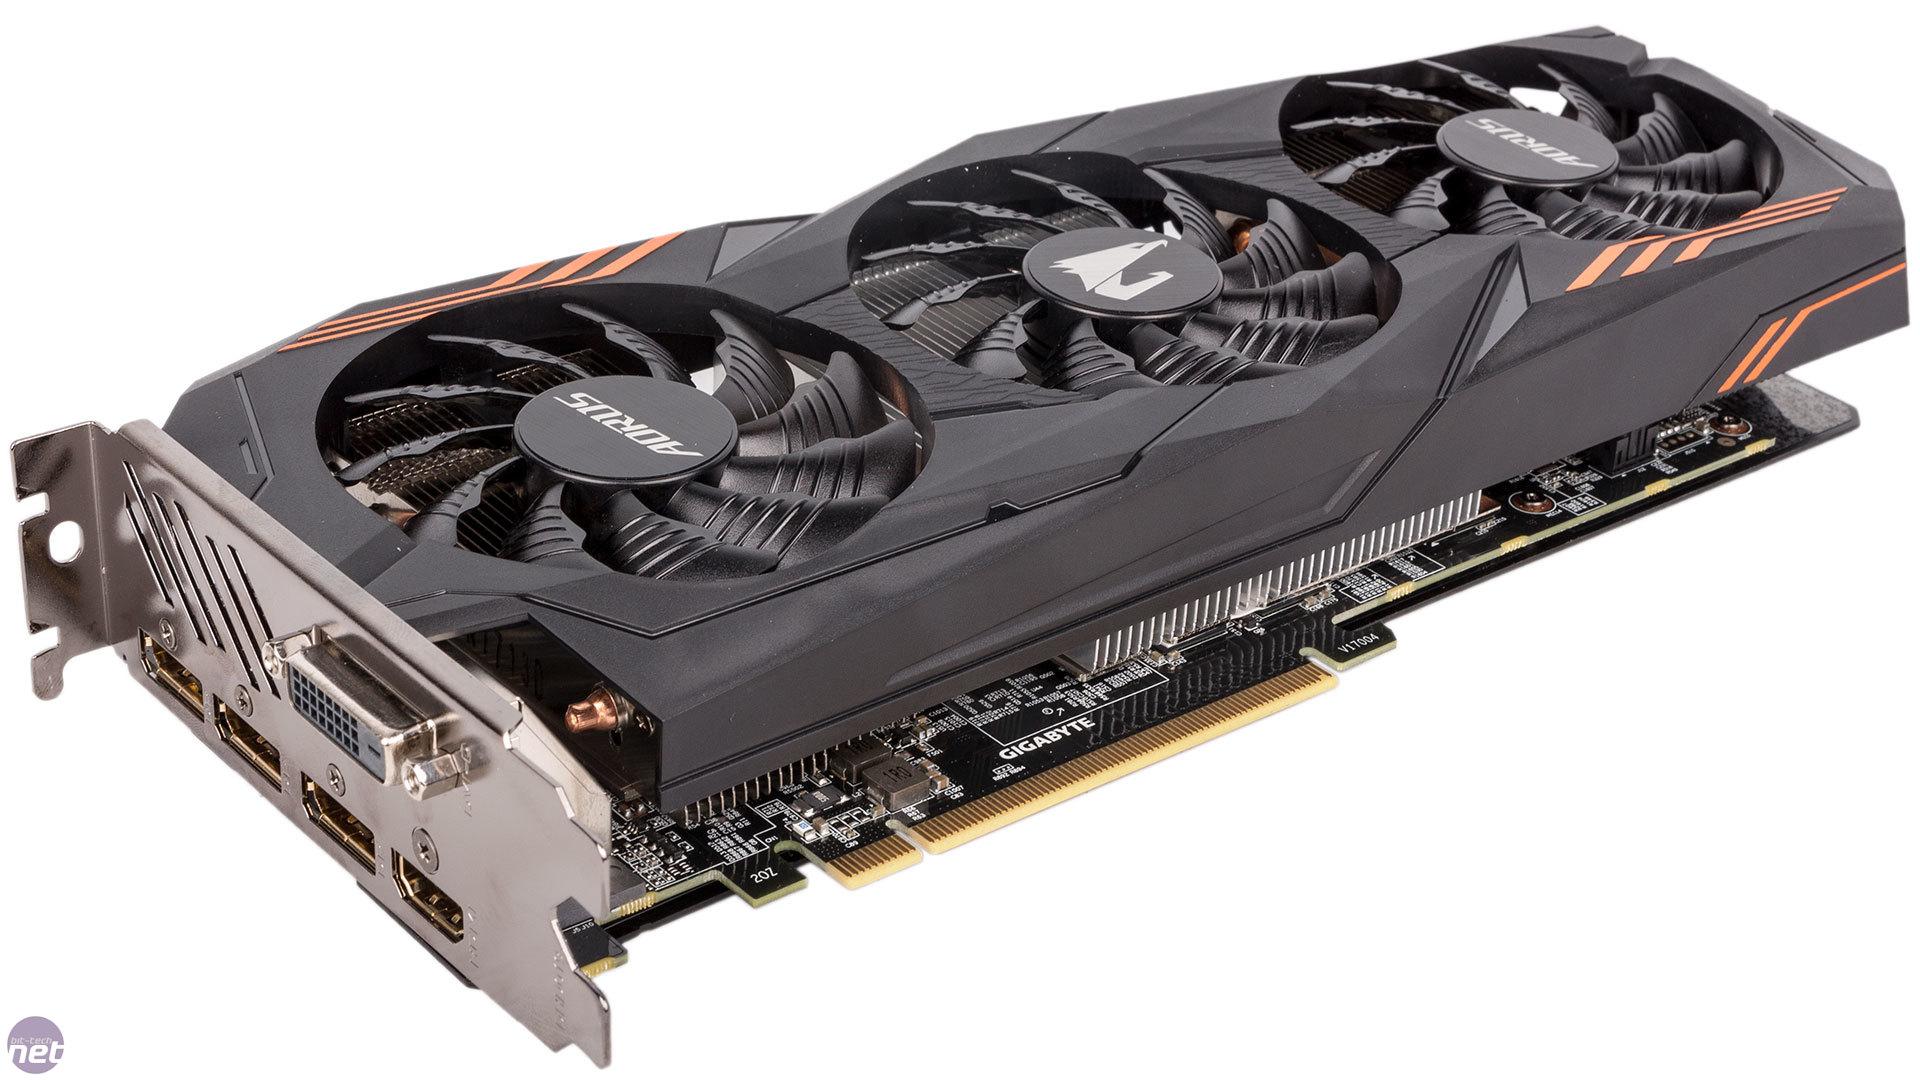 Aorus GeForce GTX 1060 9Gbps Review   bit-tech net